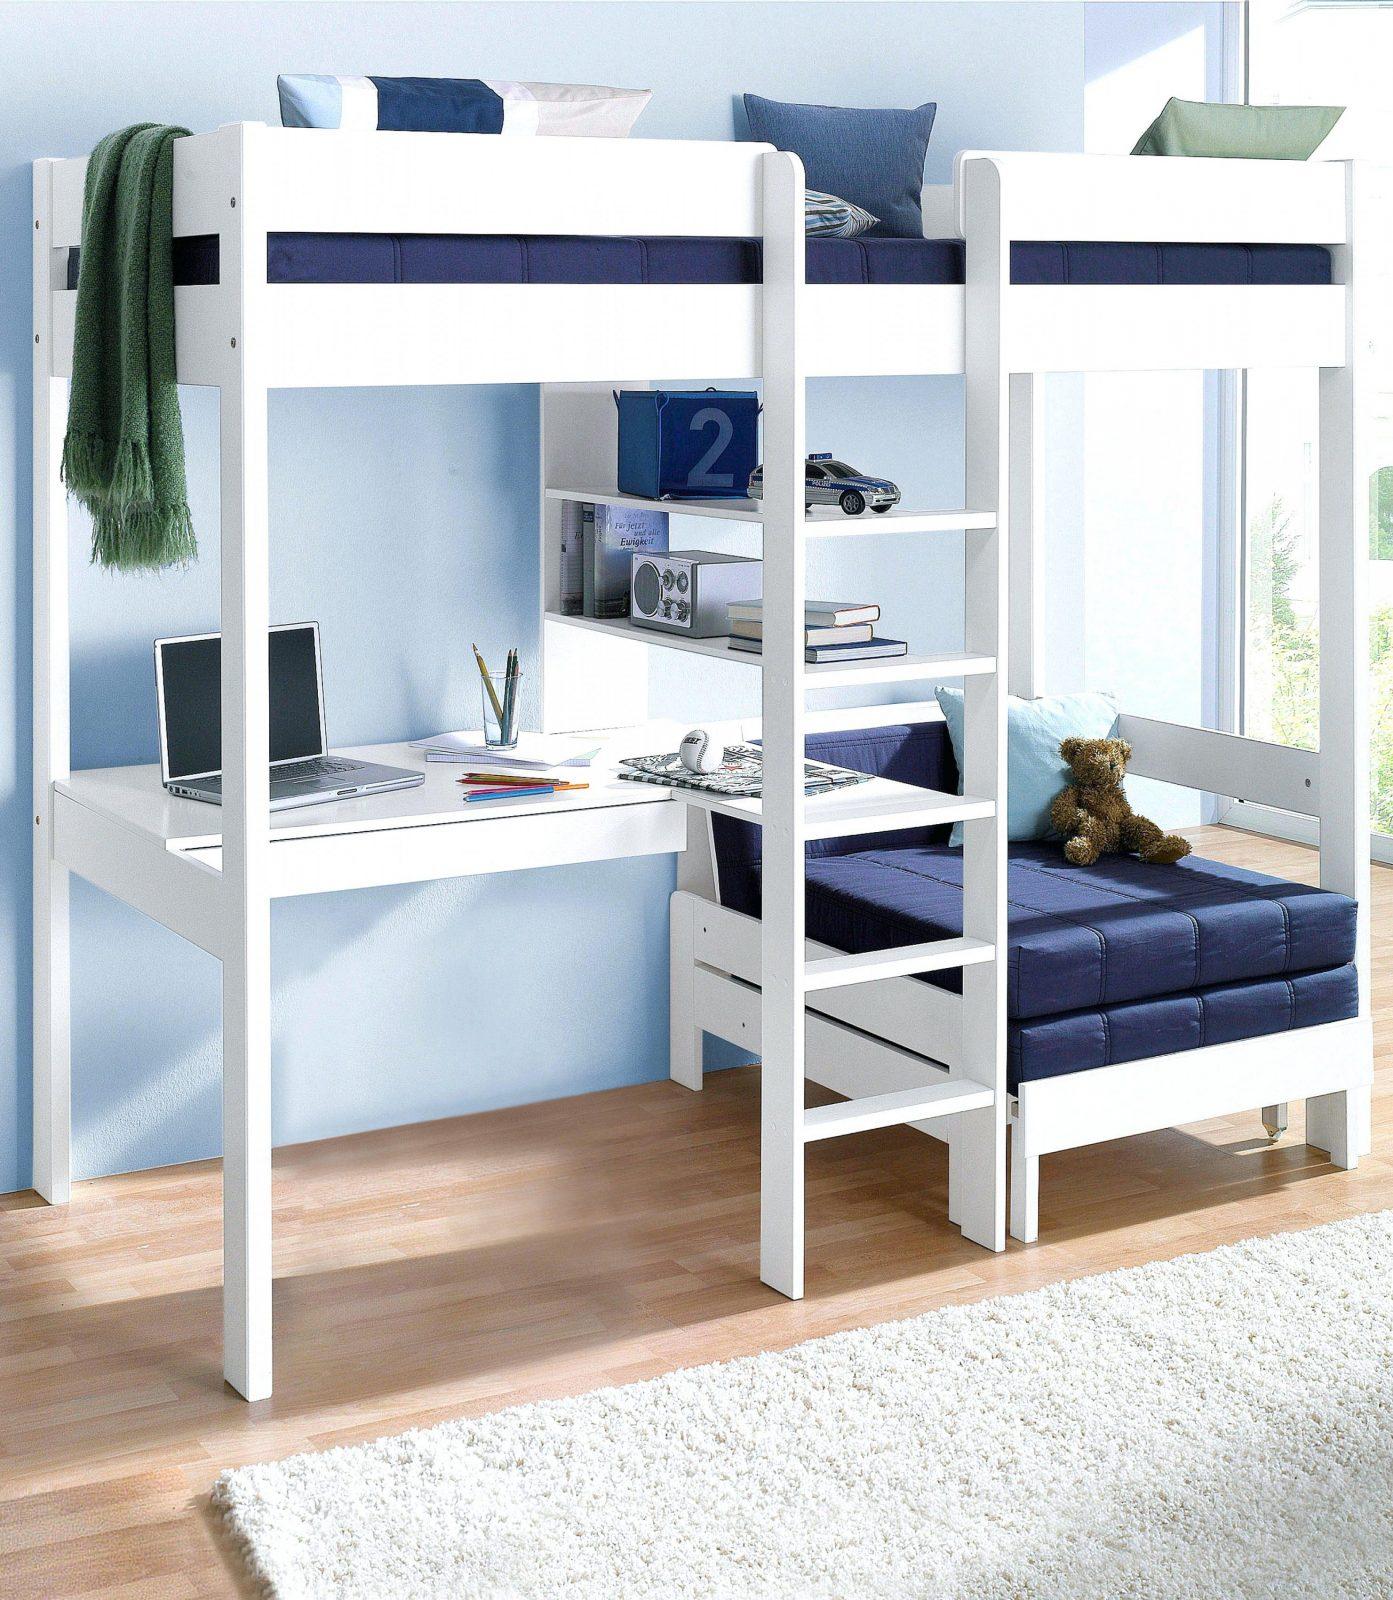 Hochbett Erwachsene 140×200 Perfekt Doppel F R Johncalle Zum Fa 1 4 von Hochbett Für Erwachsene Ikea Bild